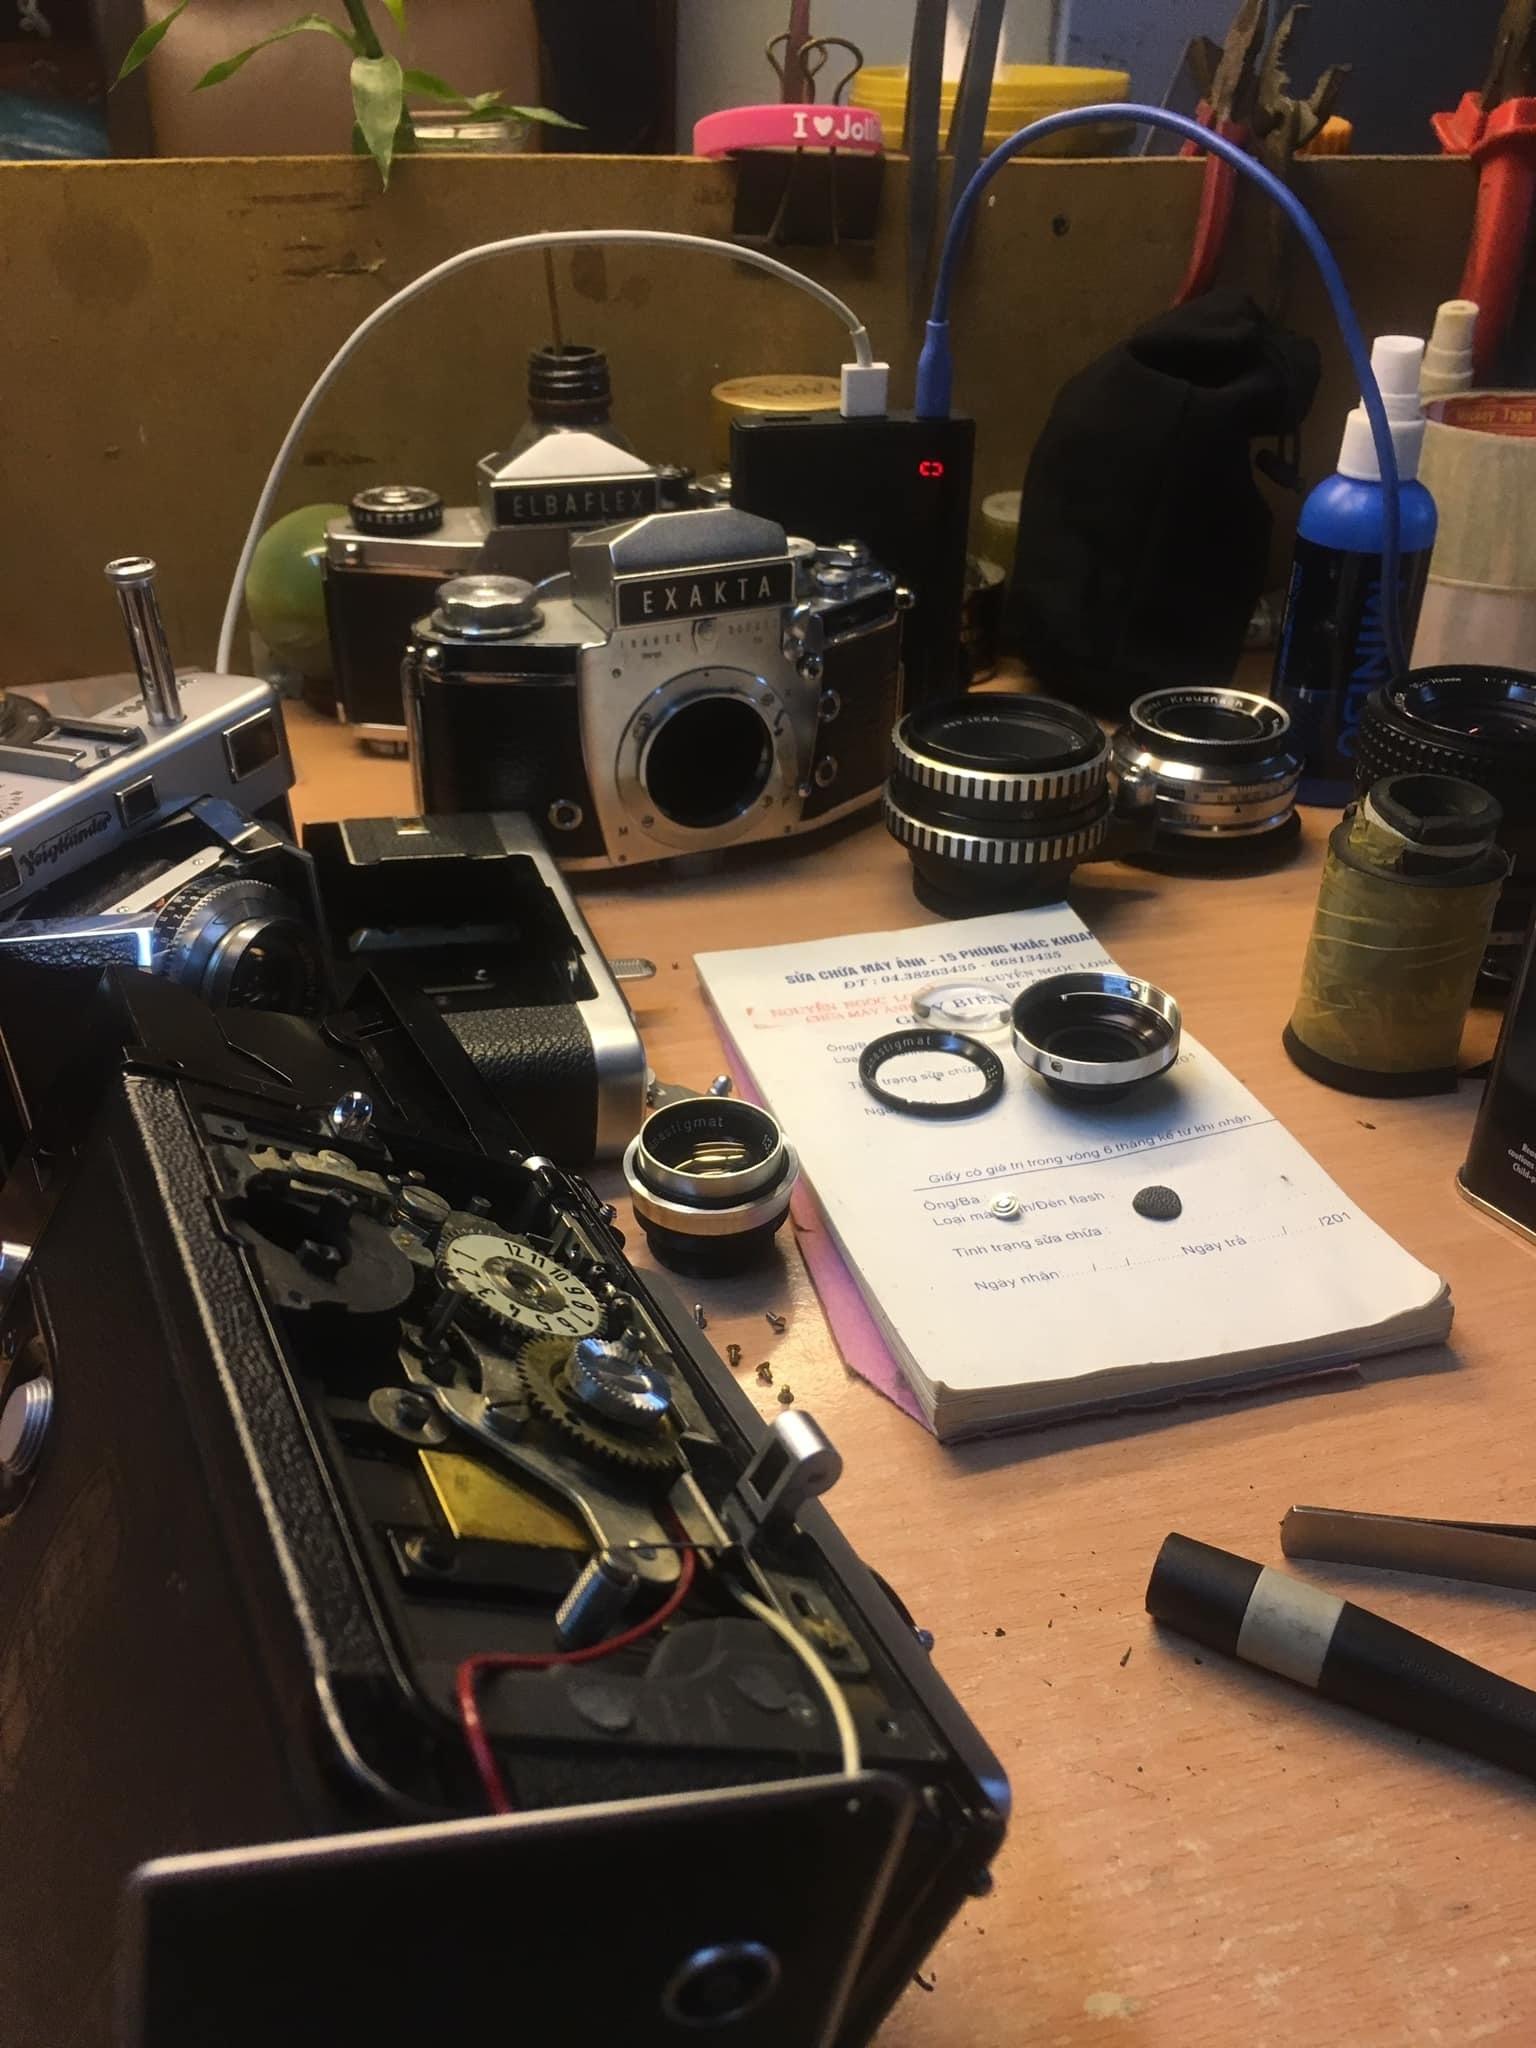 Nghệ nhân 4 đời sửa máy ảnh ở Hà Nội trải lòng về nghề xoay vặn - 4